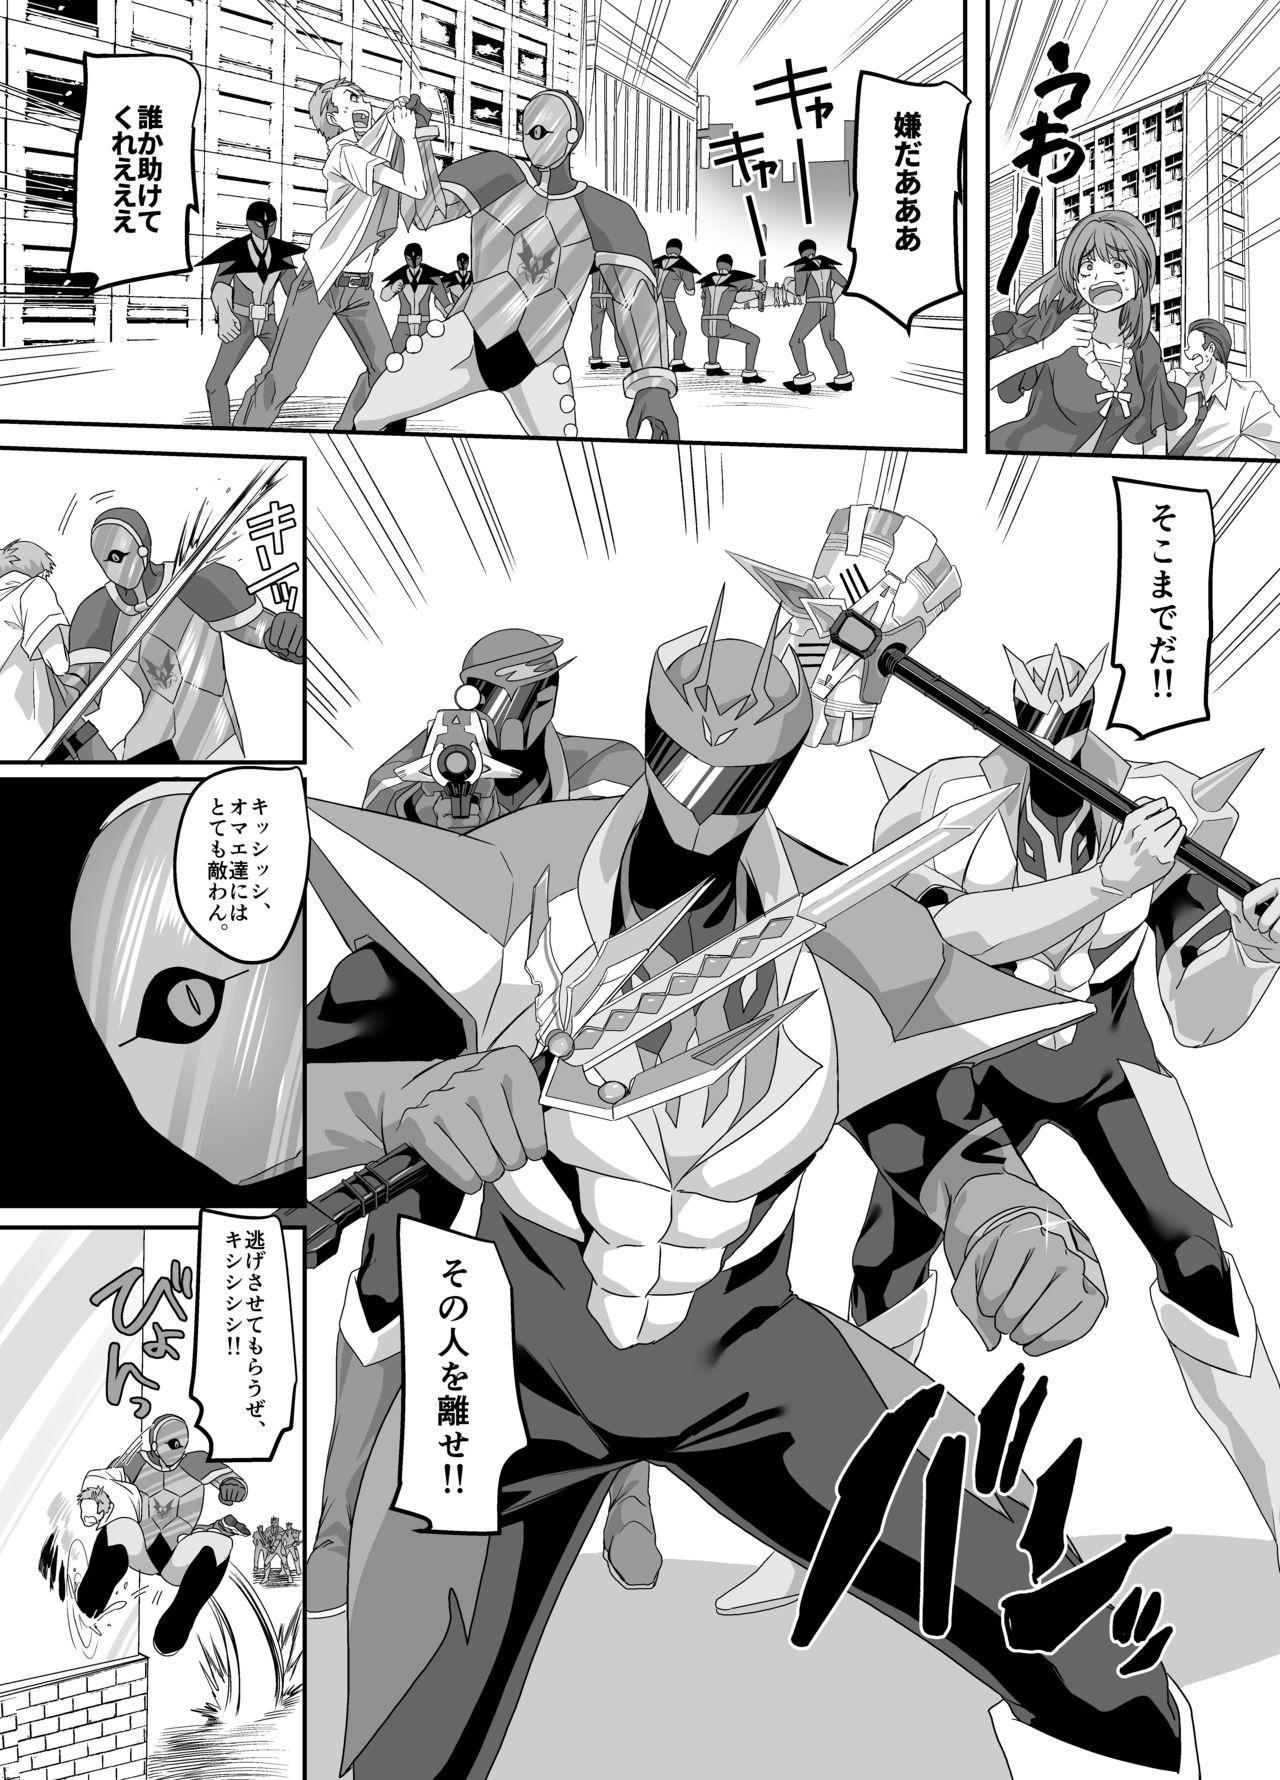 Saikyou no Seigi no Hero wa Kagami no Naka dewa Saijaku no Kaijin 4